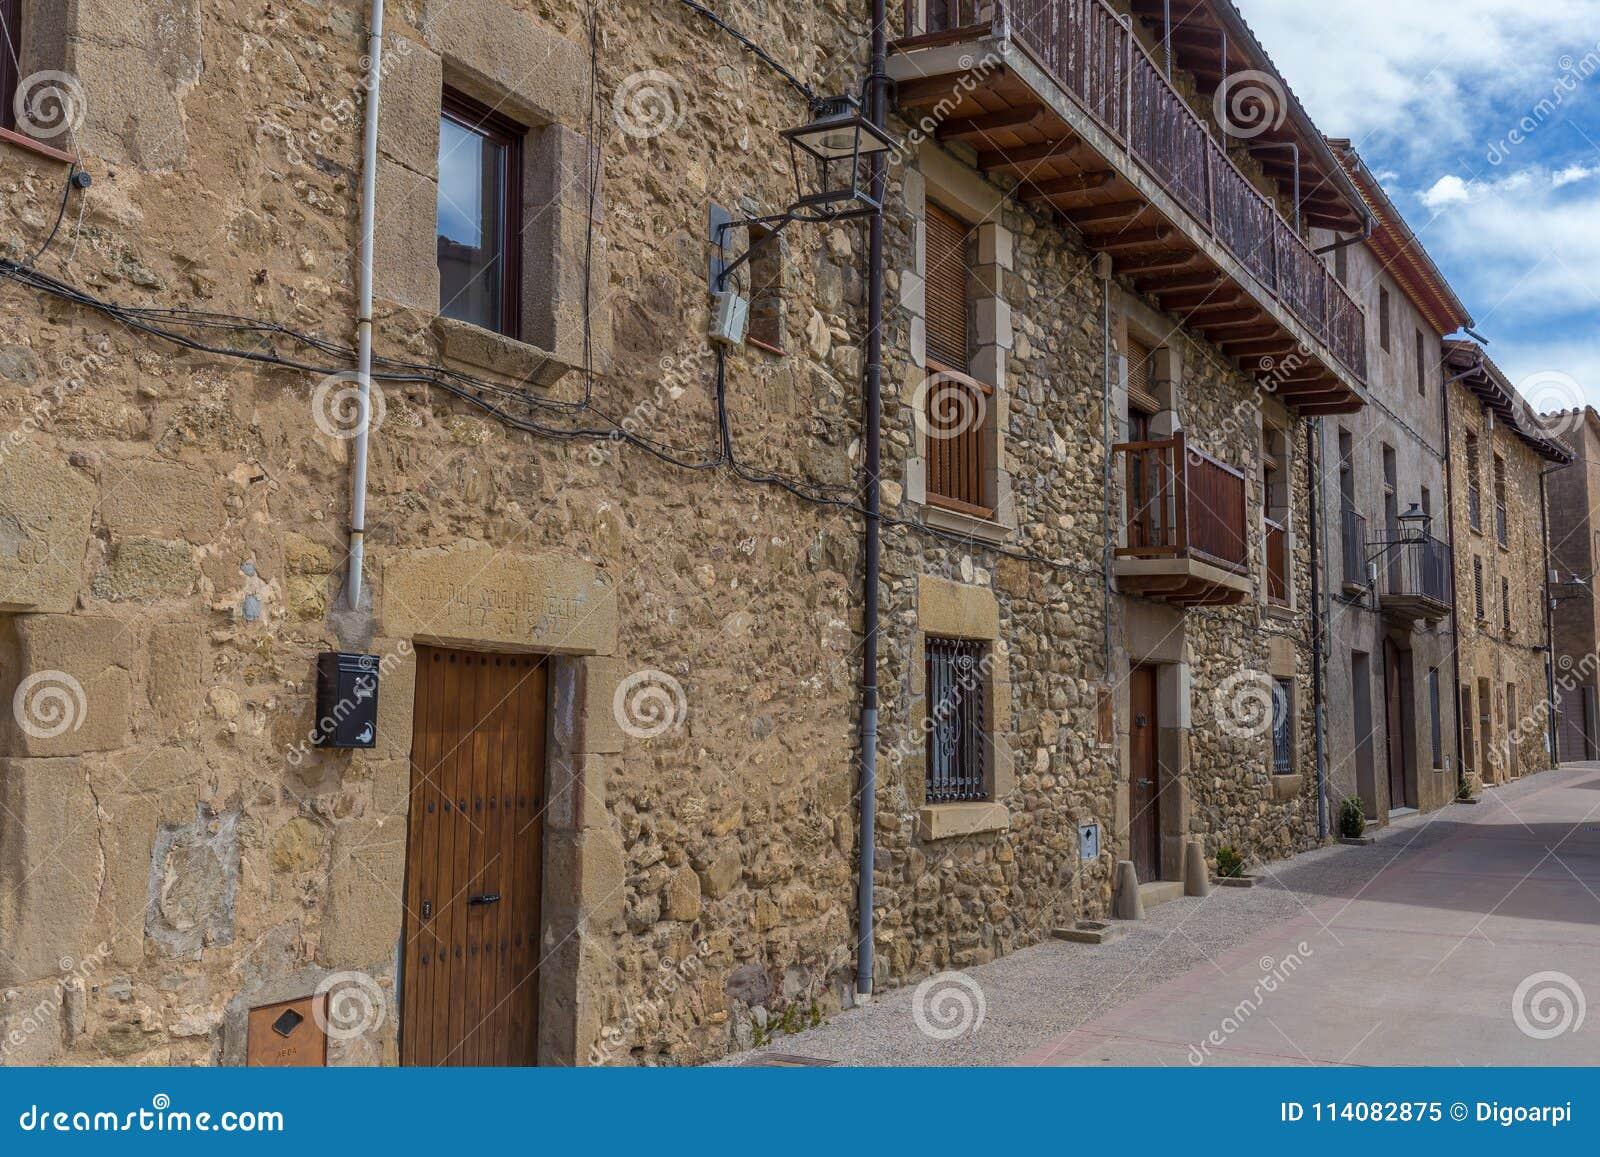 Case In Pietra Antiche : Il borgo fatto di pietra è un piccolo gioiello che nessuno conosce